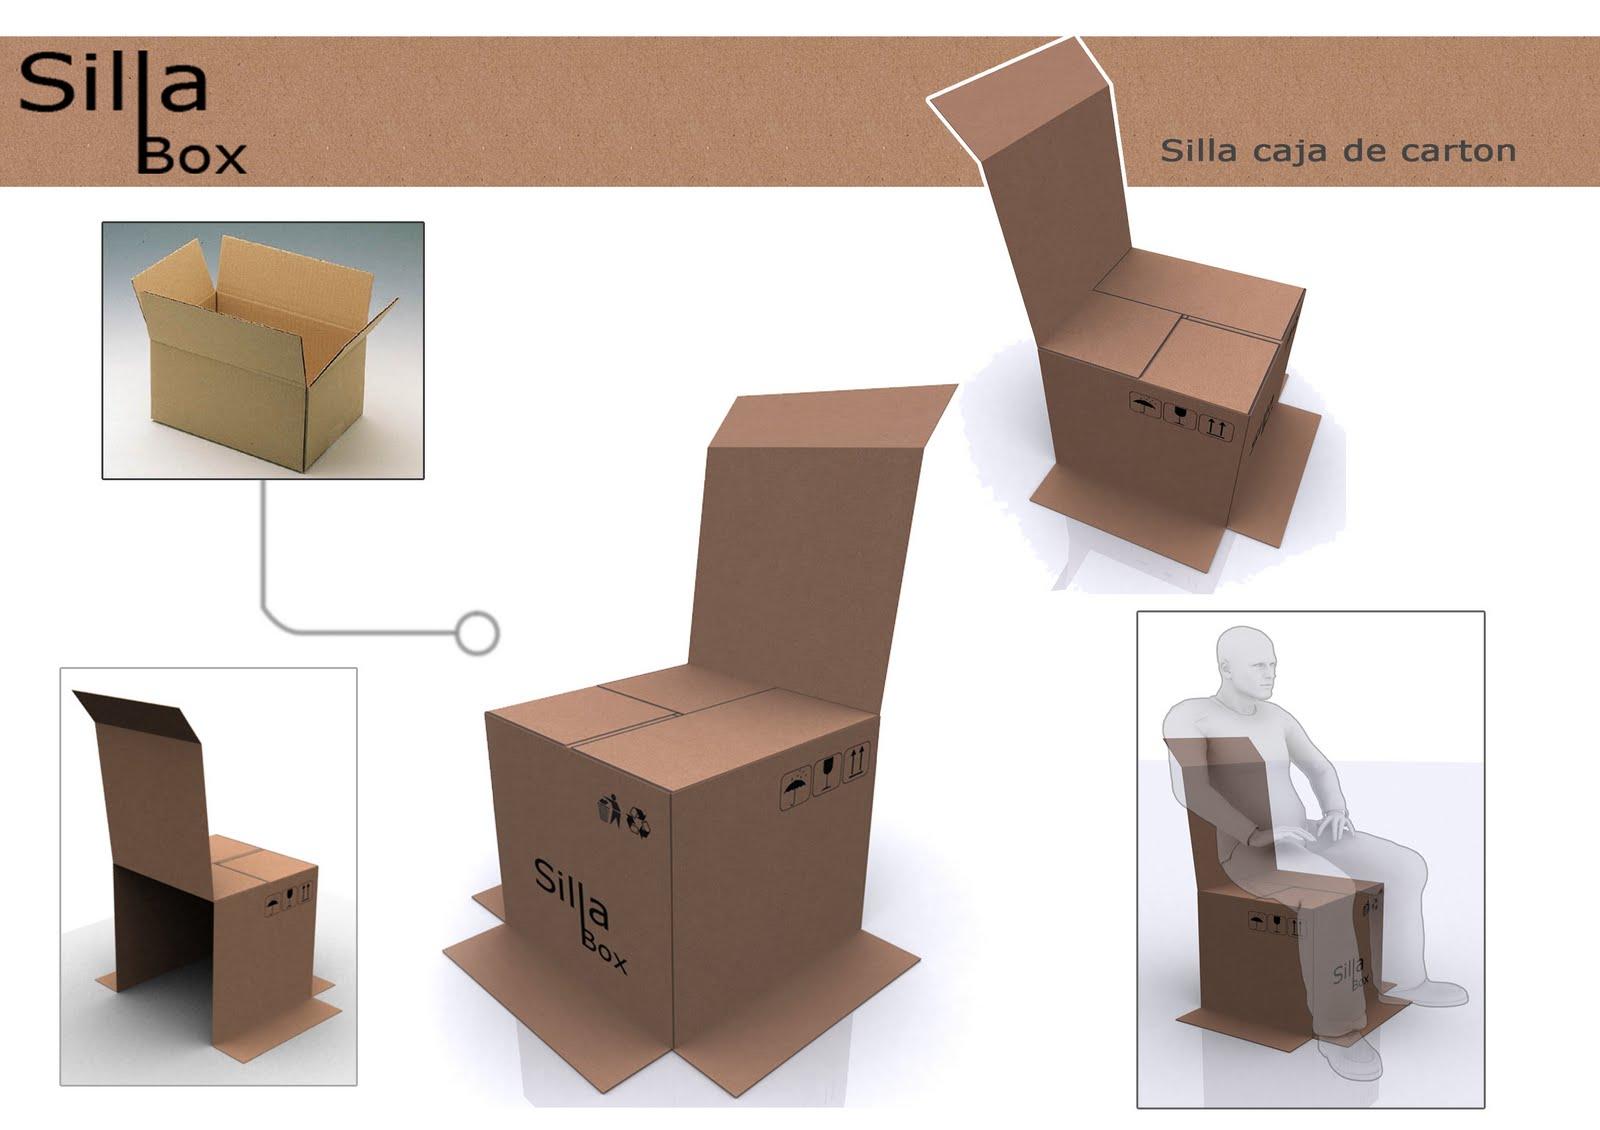 Toro design silla caja de carton for Sillas para armar y recortar